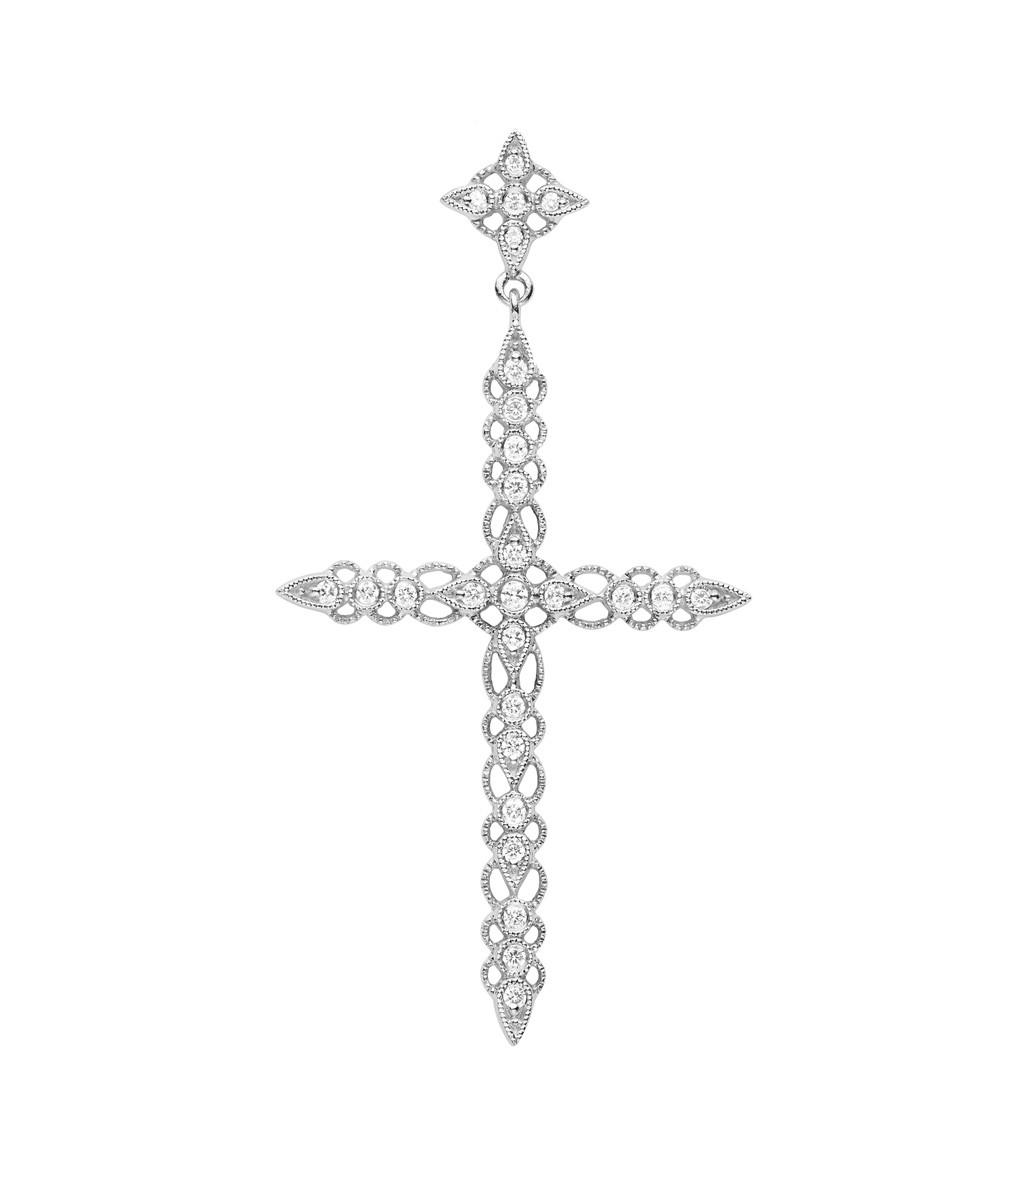 STONE PARIS - Pendentif Céleste Diamants GM Or Blanc